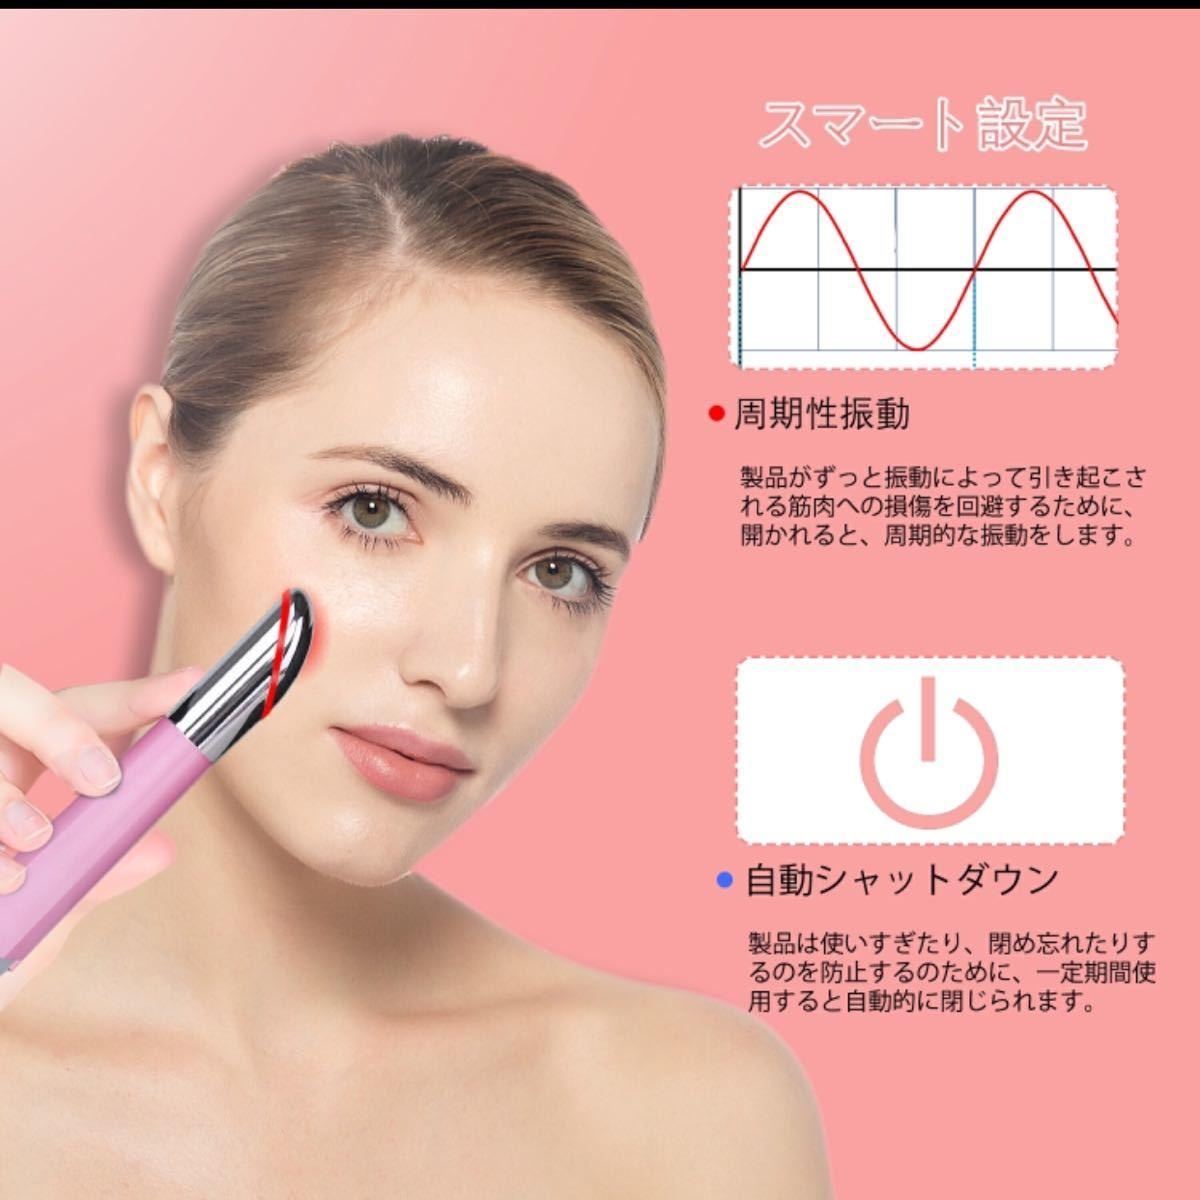 目元ケア 美顔器 目元用 イオン導入 充電式 フェイスケア シワ改善